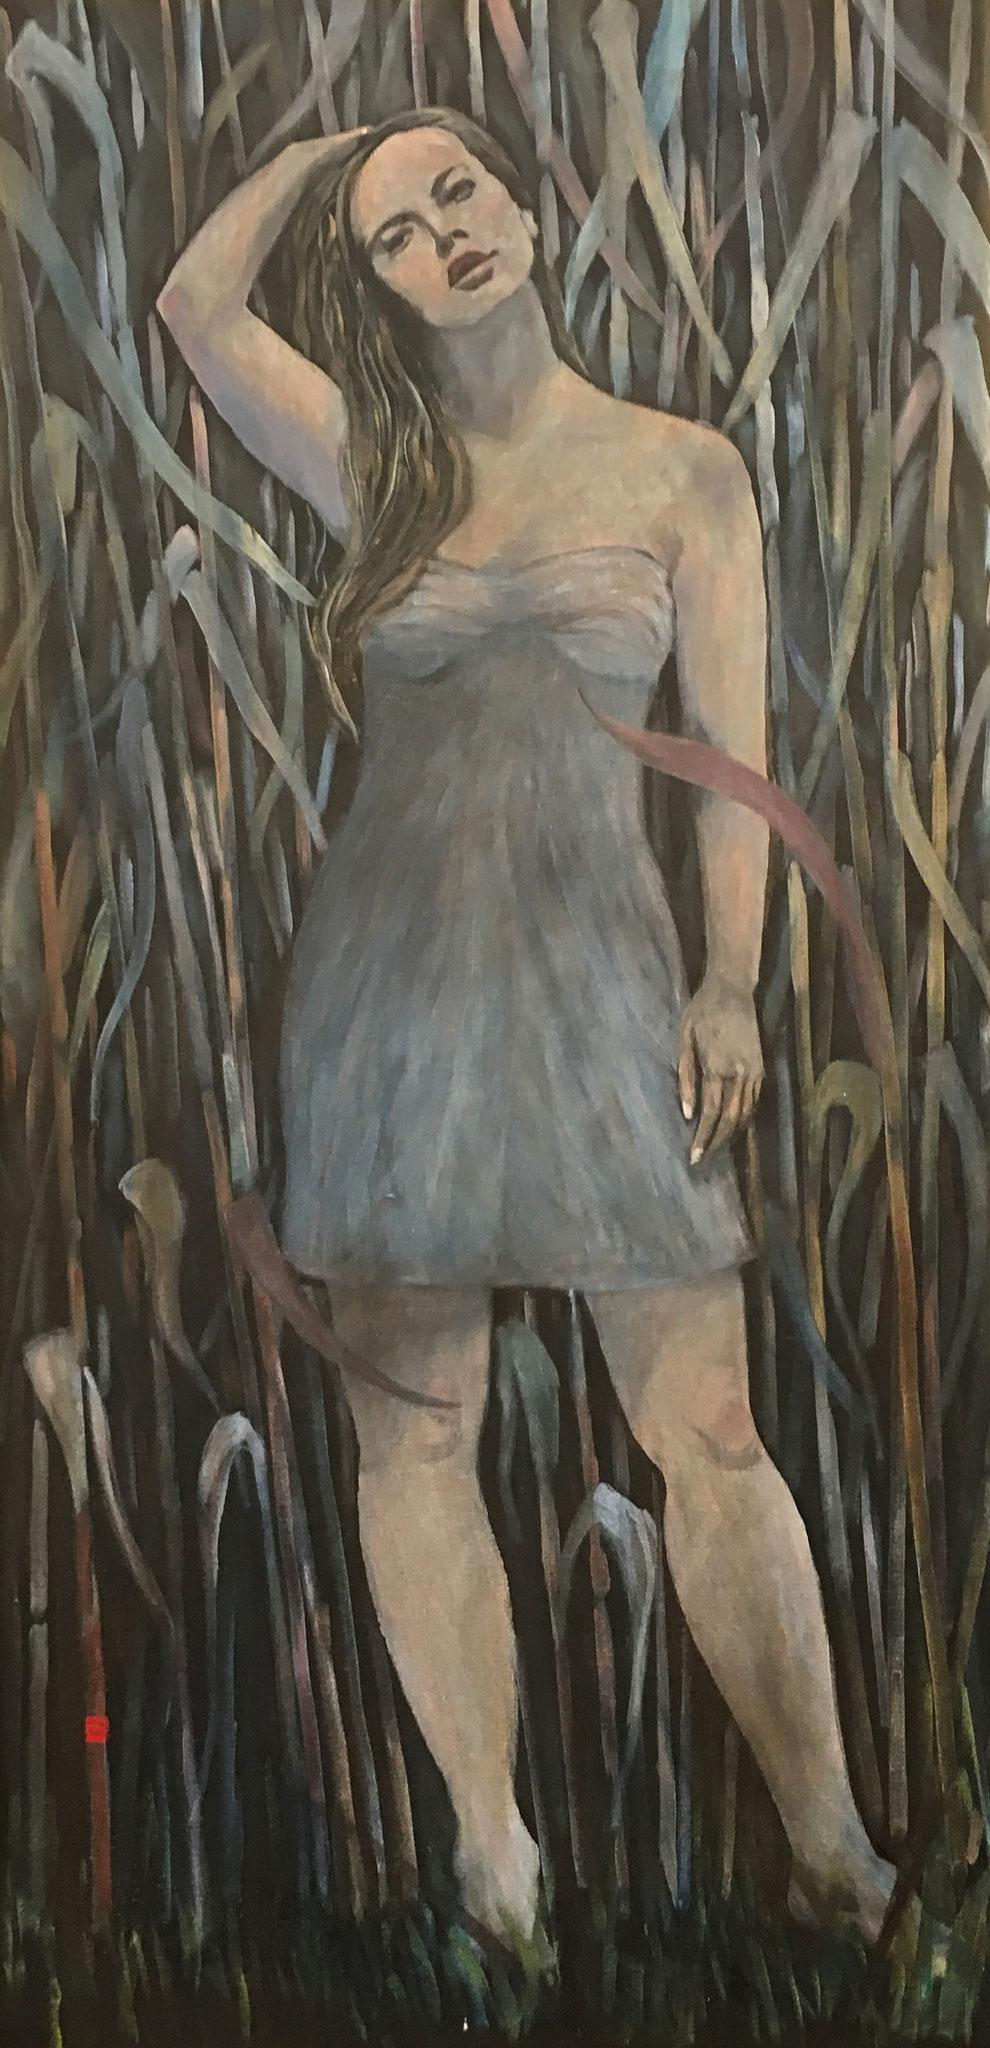 """""""Nymphe vor Schilf"""", Acryl auf Baumwolle, 100x70, 2015"""